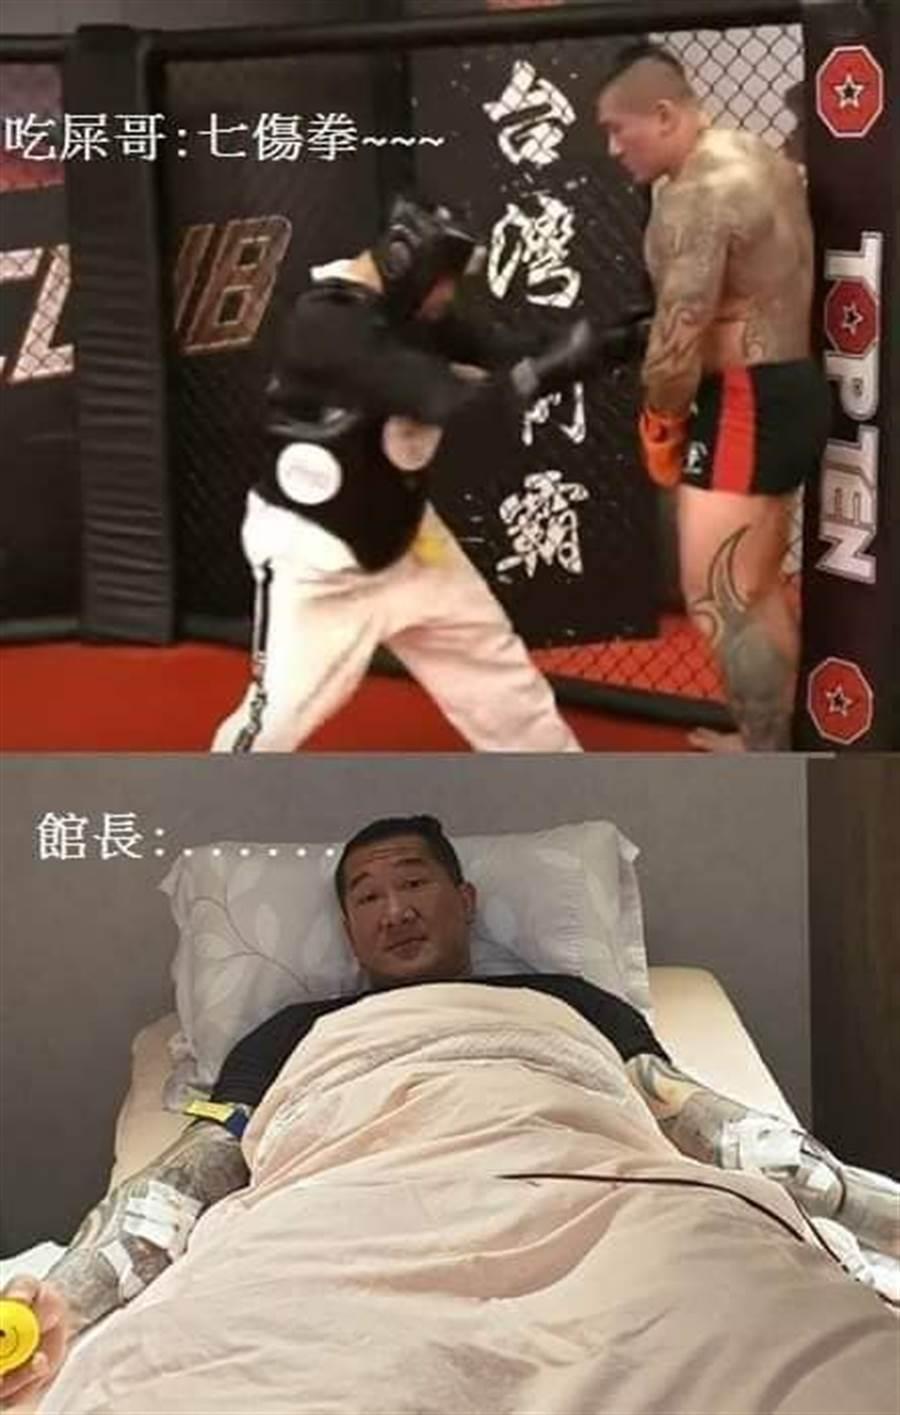 館長躺在病床上換血,吃屎哥卻說是被他用七傷拳打傷的。(圖/翻攝自游兆霖臉書)